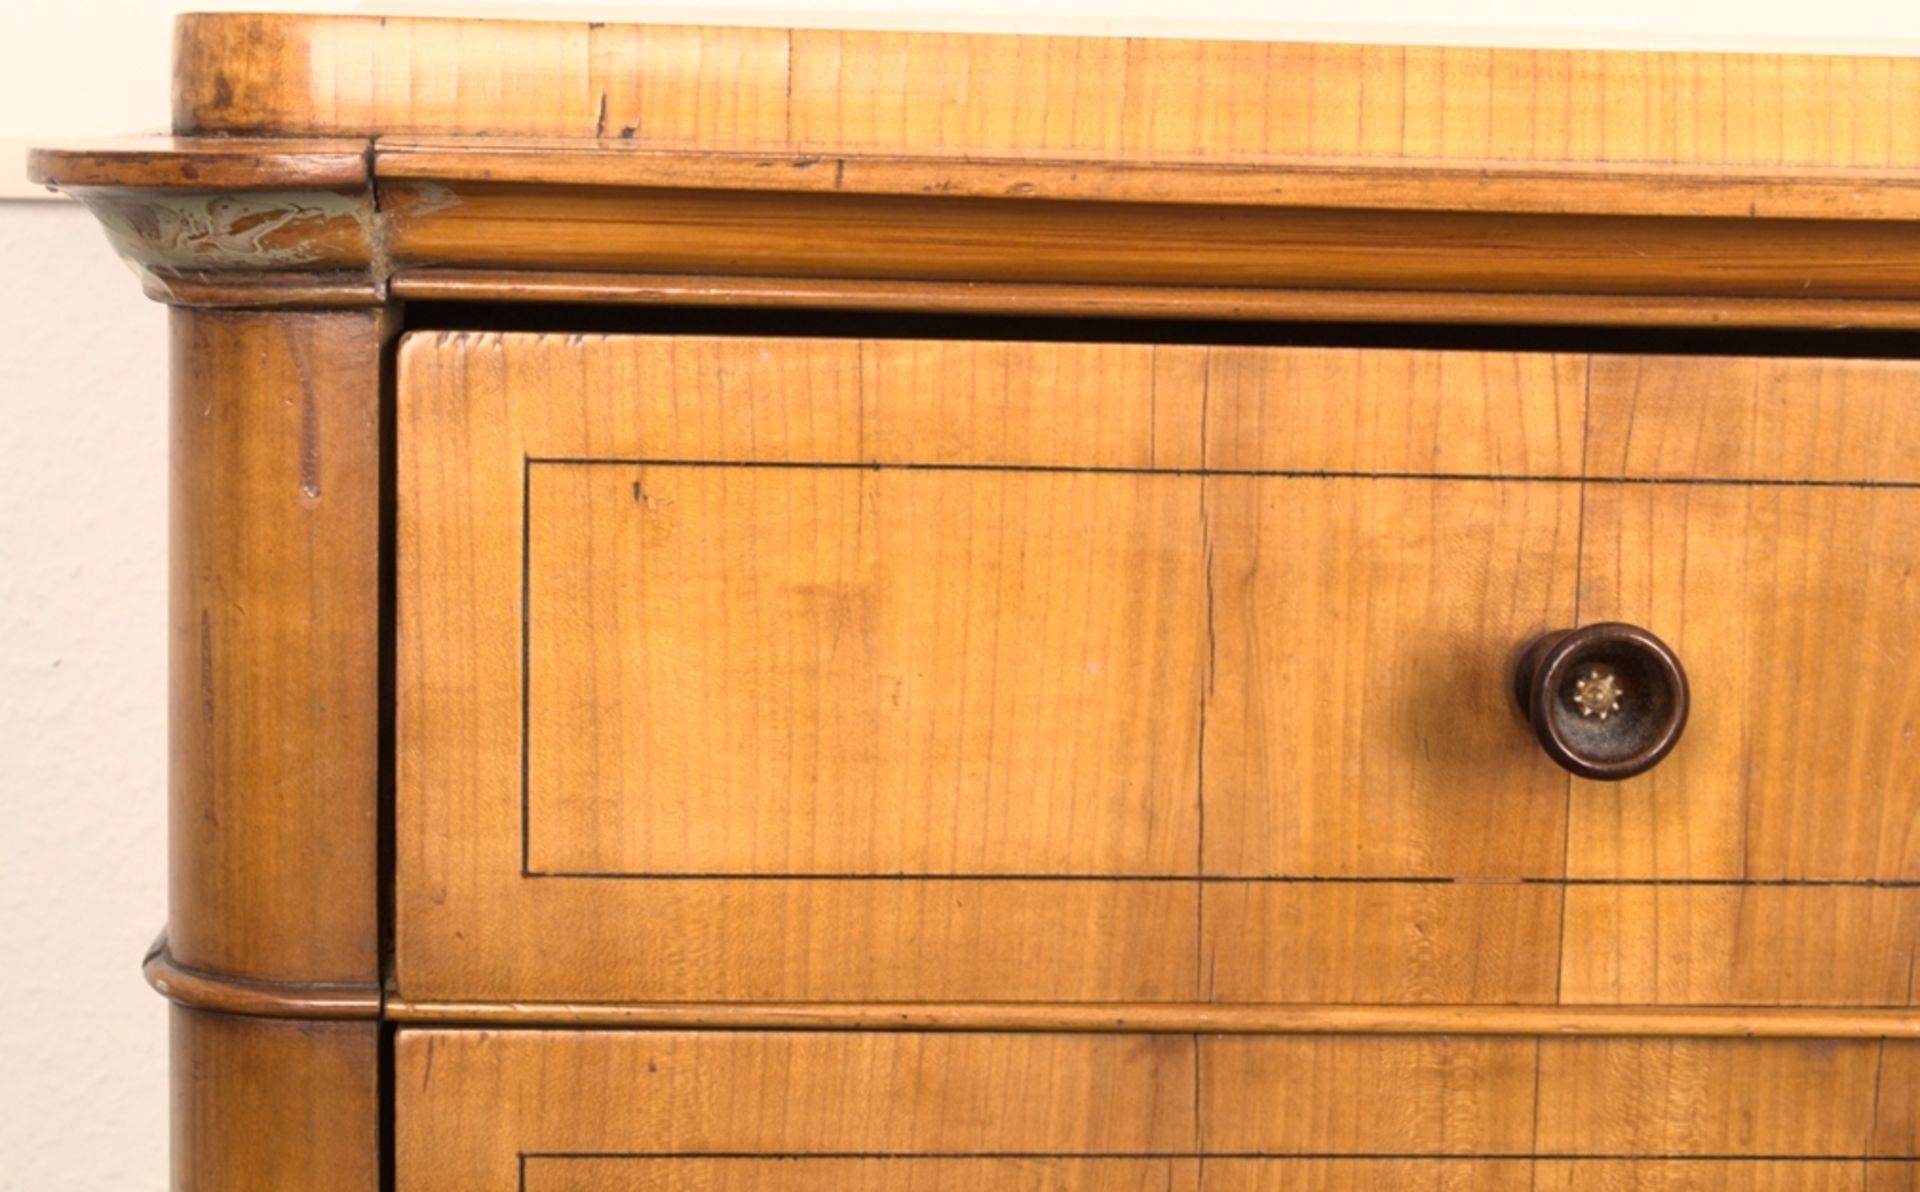 Wäschekommode. Biedermeier um 1835. Kirschbaum massiv & furniert, die 4 Schubladen-Fronten mit - Bild 13 aus 18